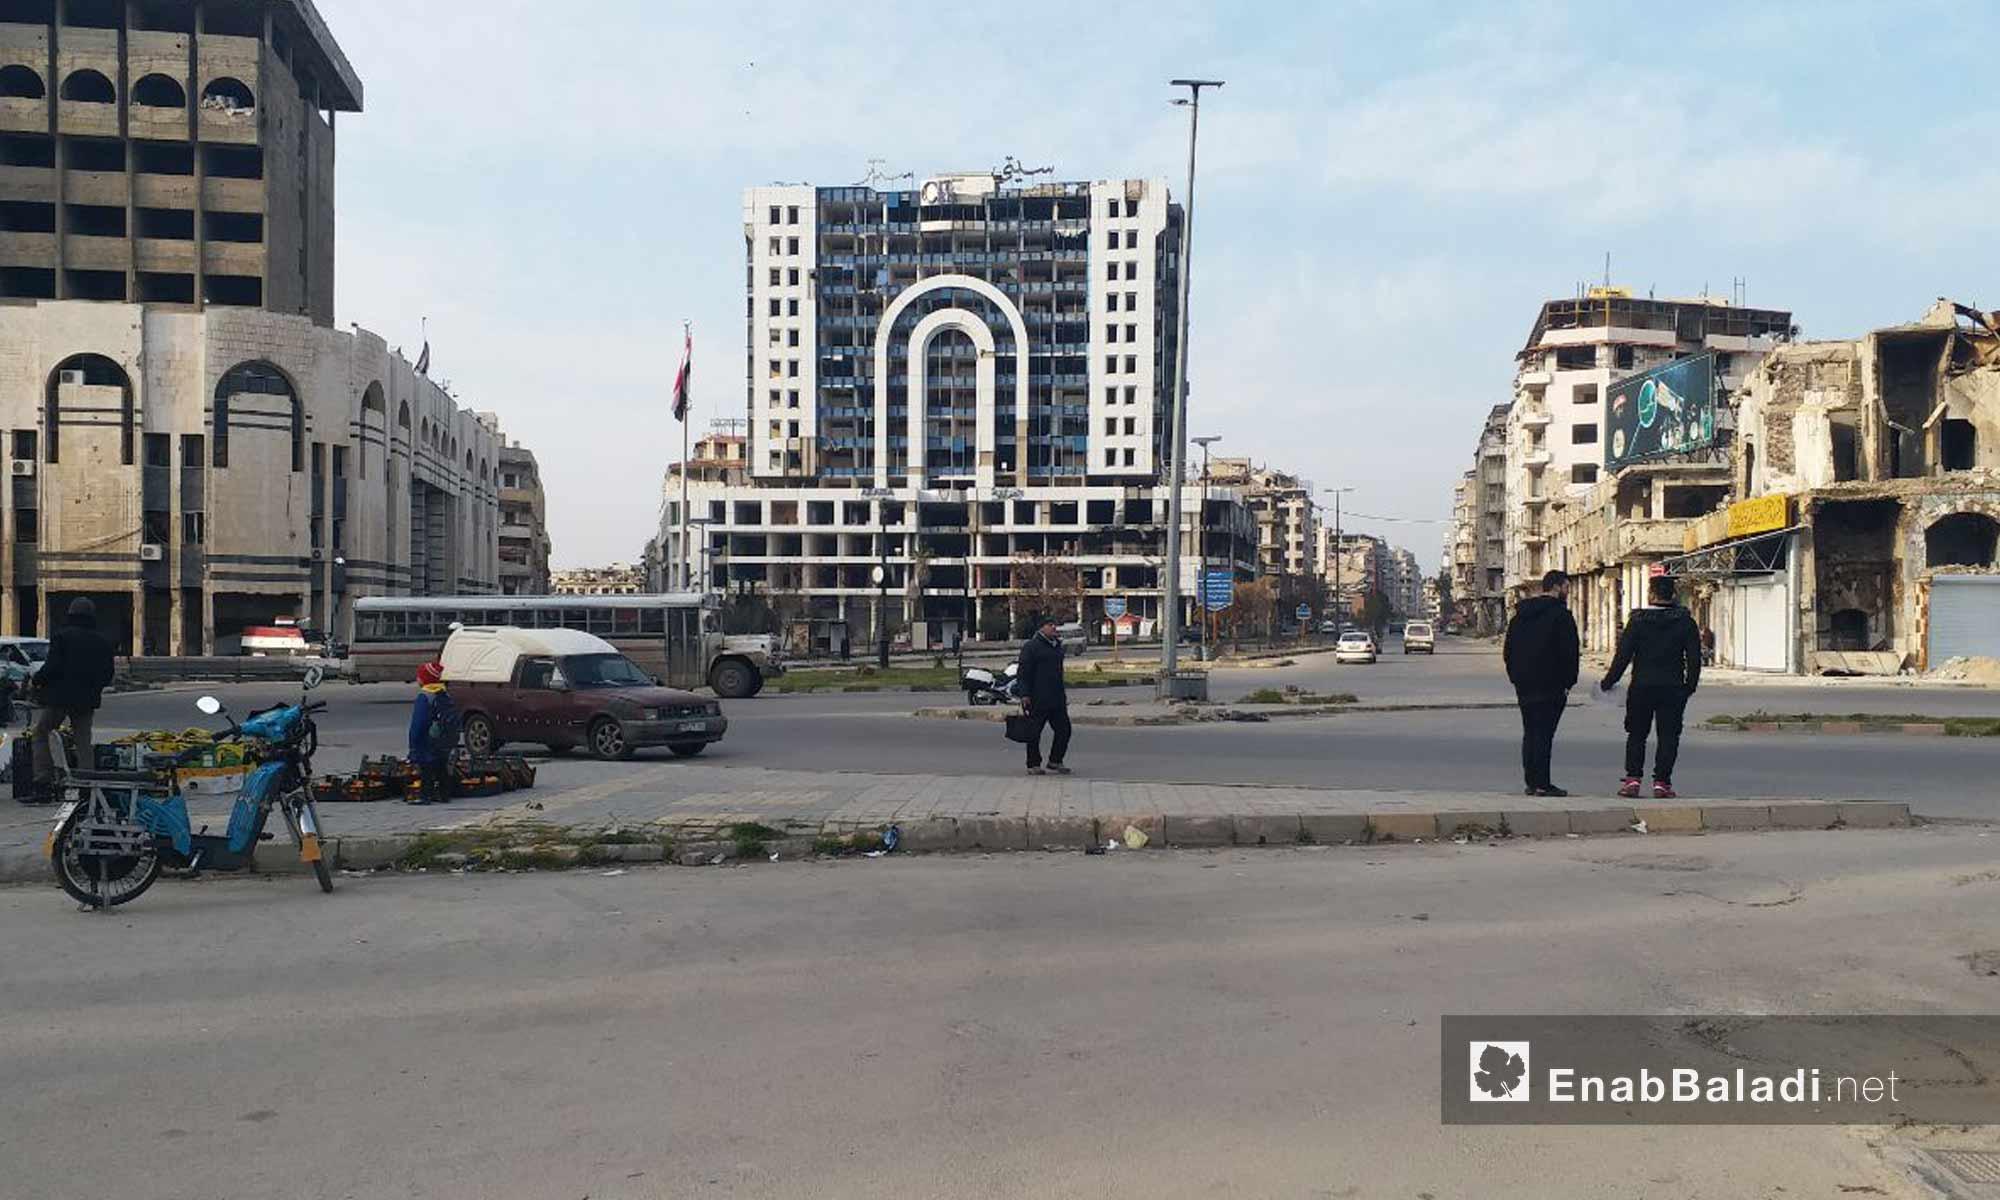 مجمع سيتي سنتر وسط مدينة حمص - 24 من كانون الثاني 2019 (عنب بلدي)